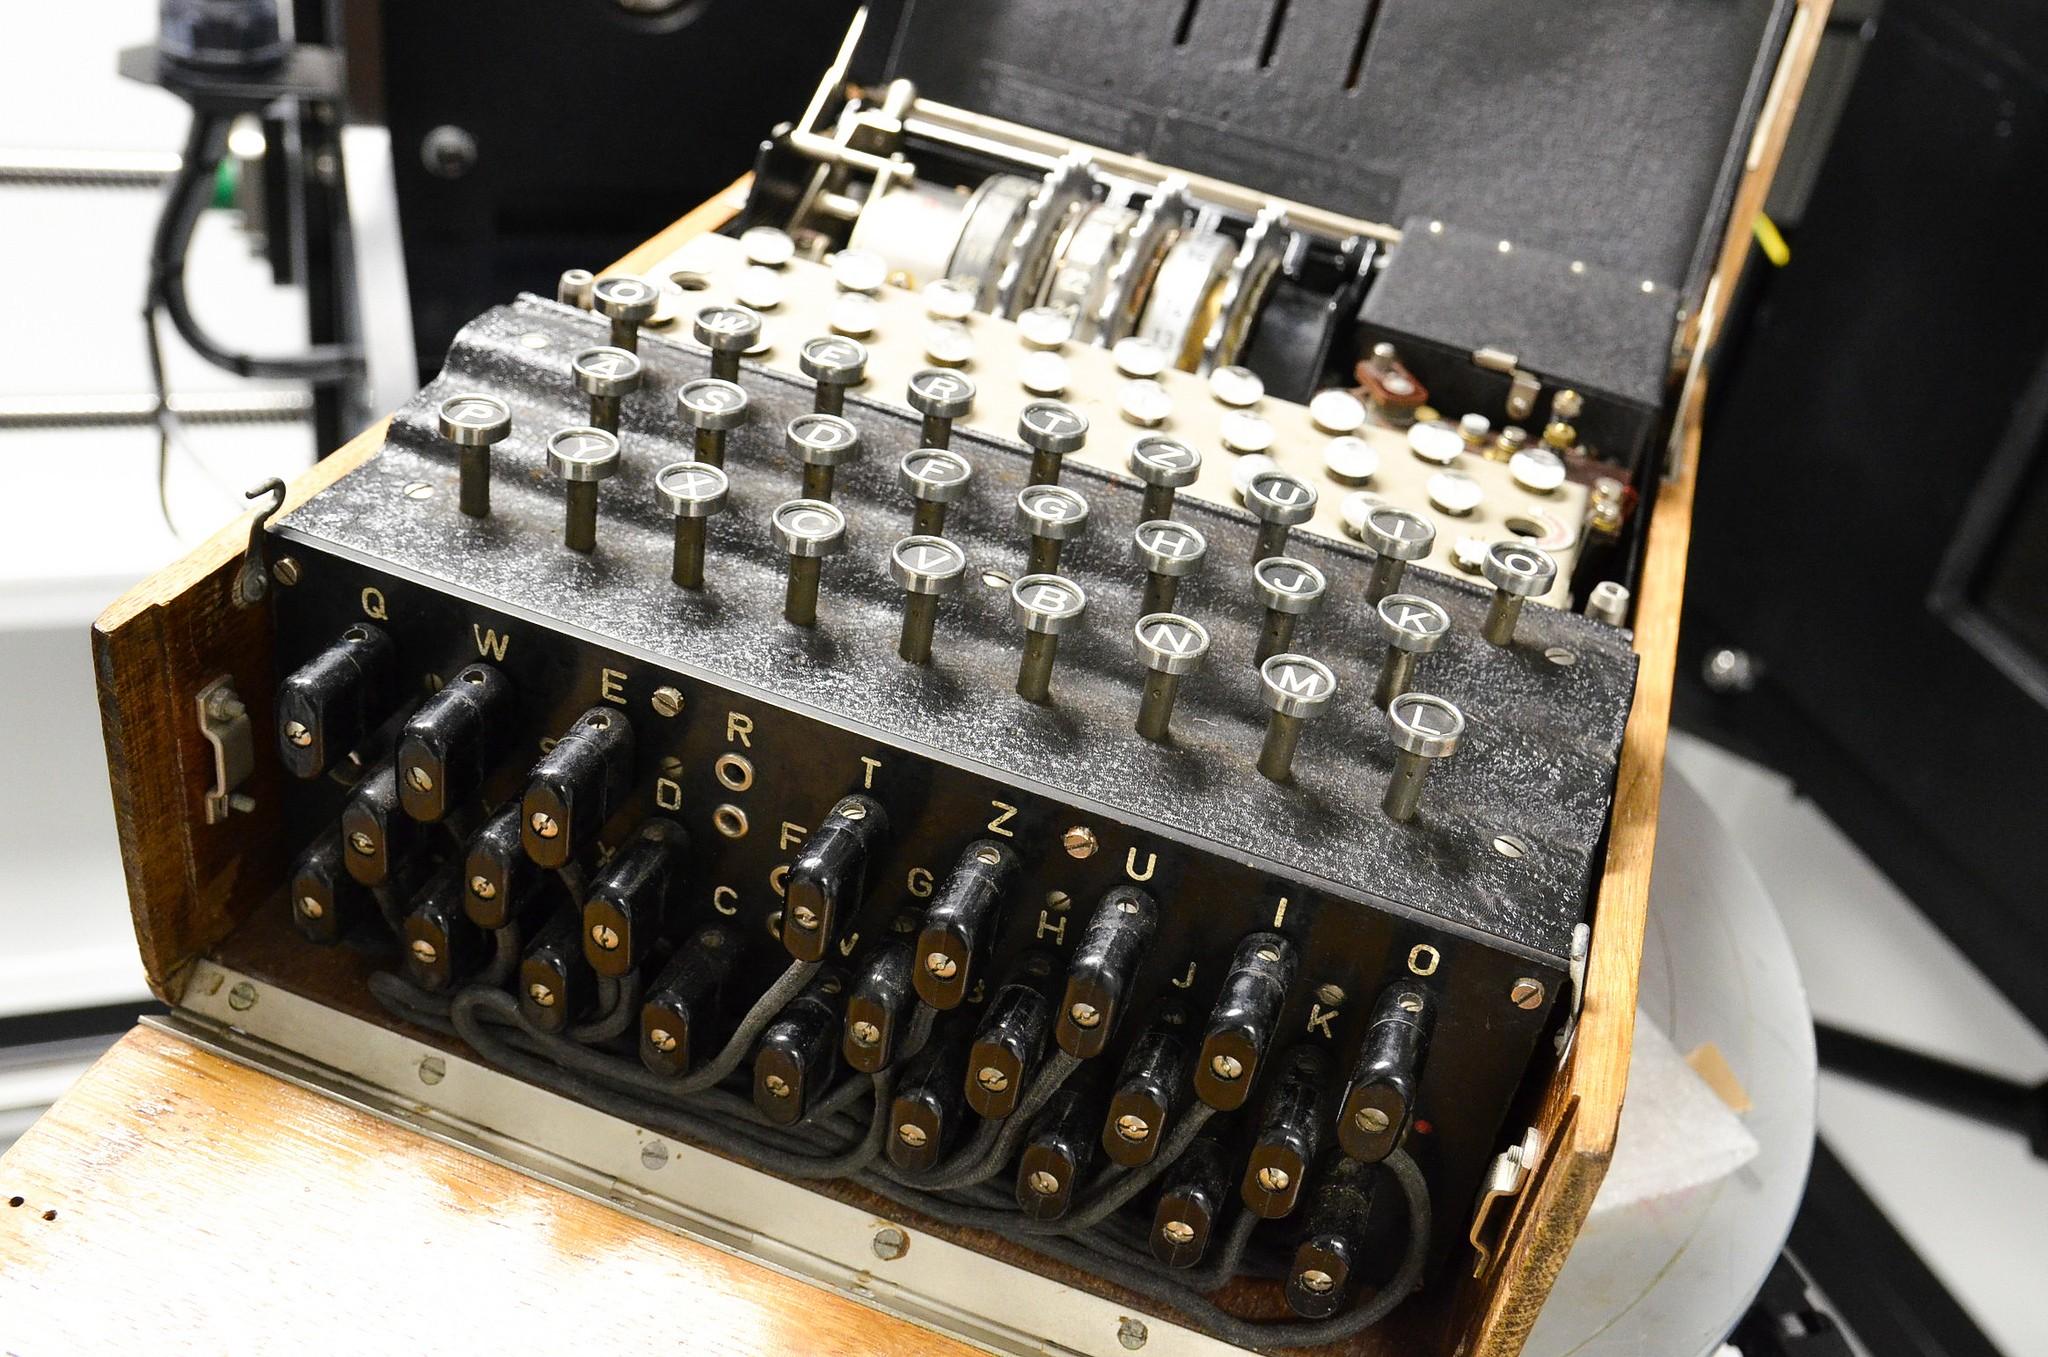 A máquina nazista de codificação Enigma (Foto: Divulgação/ Universidade de Manchester )